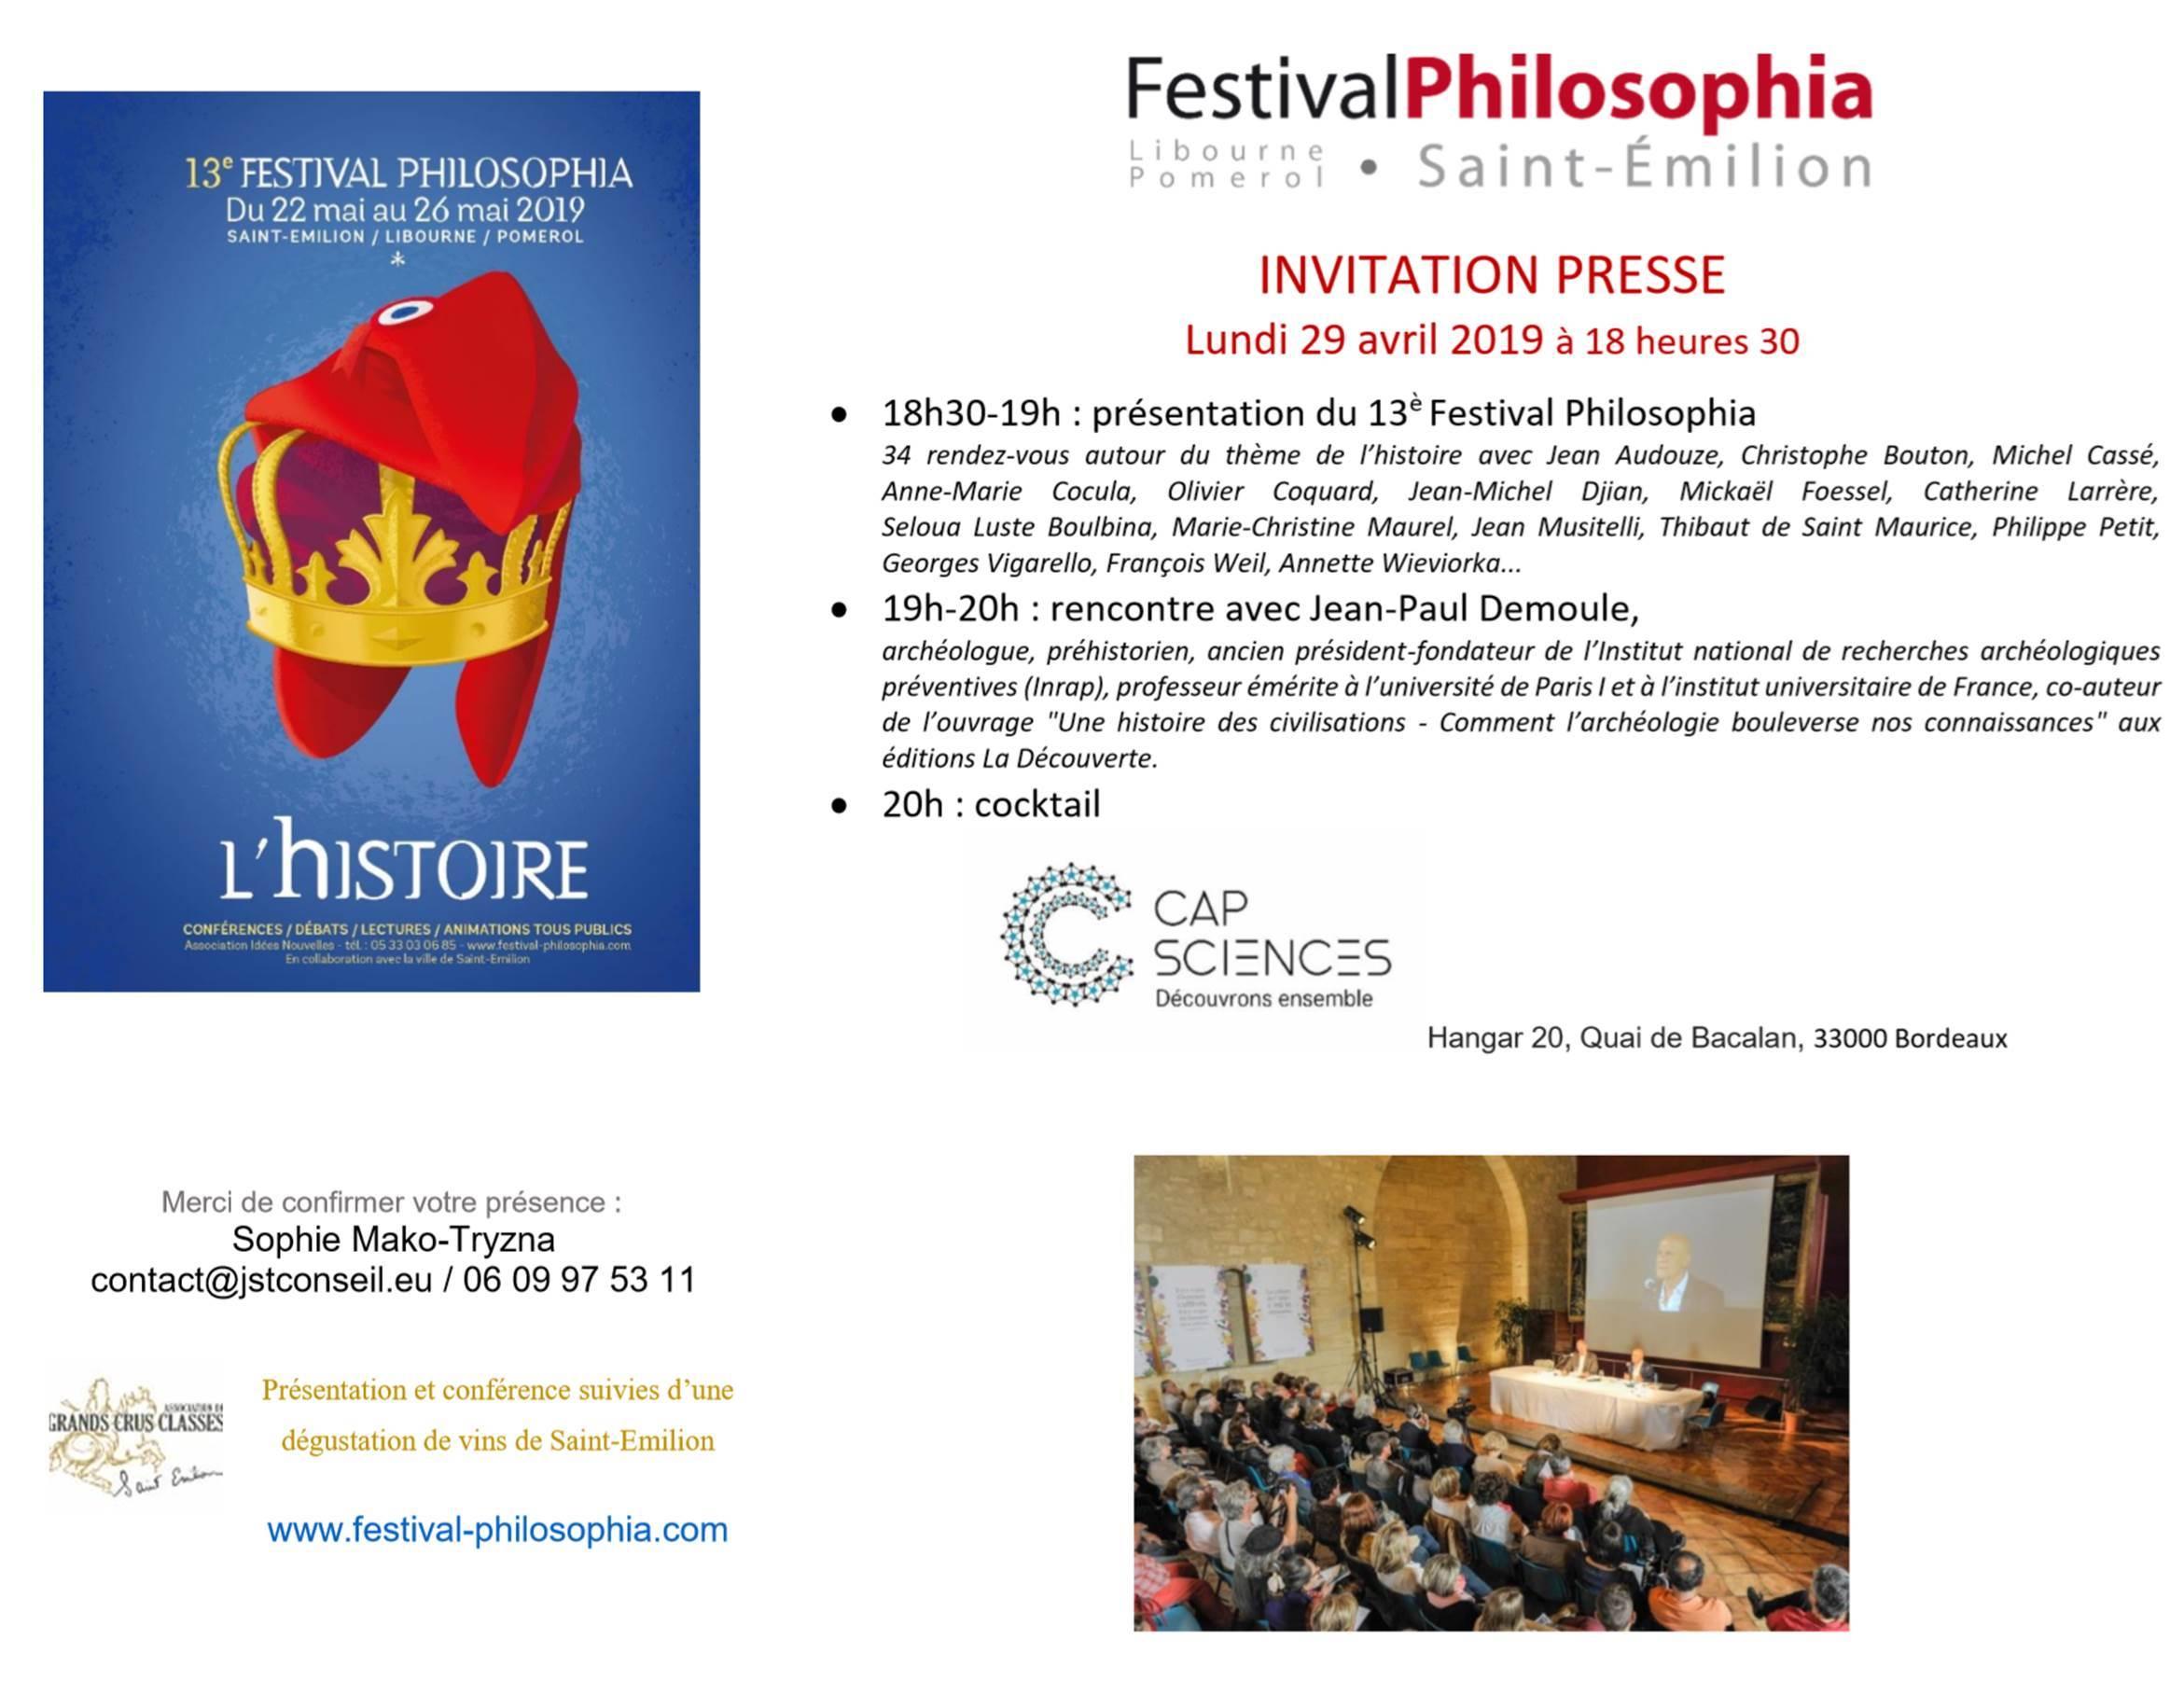 invitation-presse-29-avril-2019-festival-philosophia